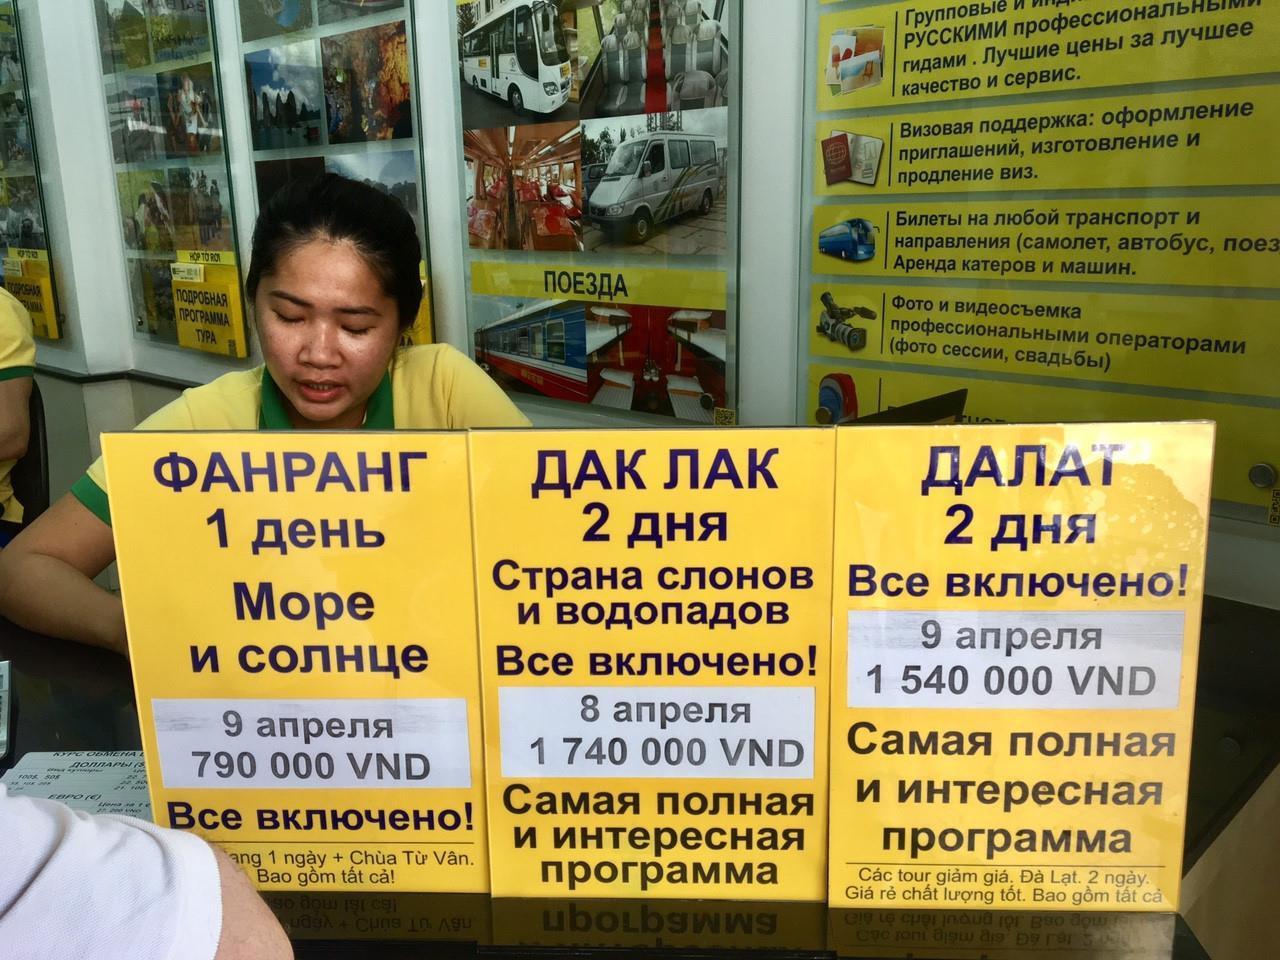 Làn sóng di dân nối gót khách Nga tới Nha Trang lập nghiệp Ảnh 5